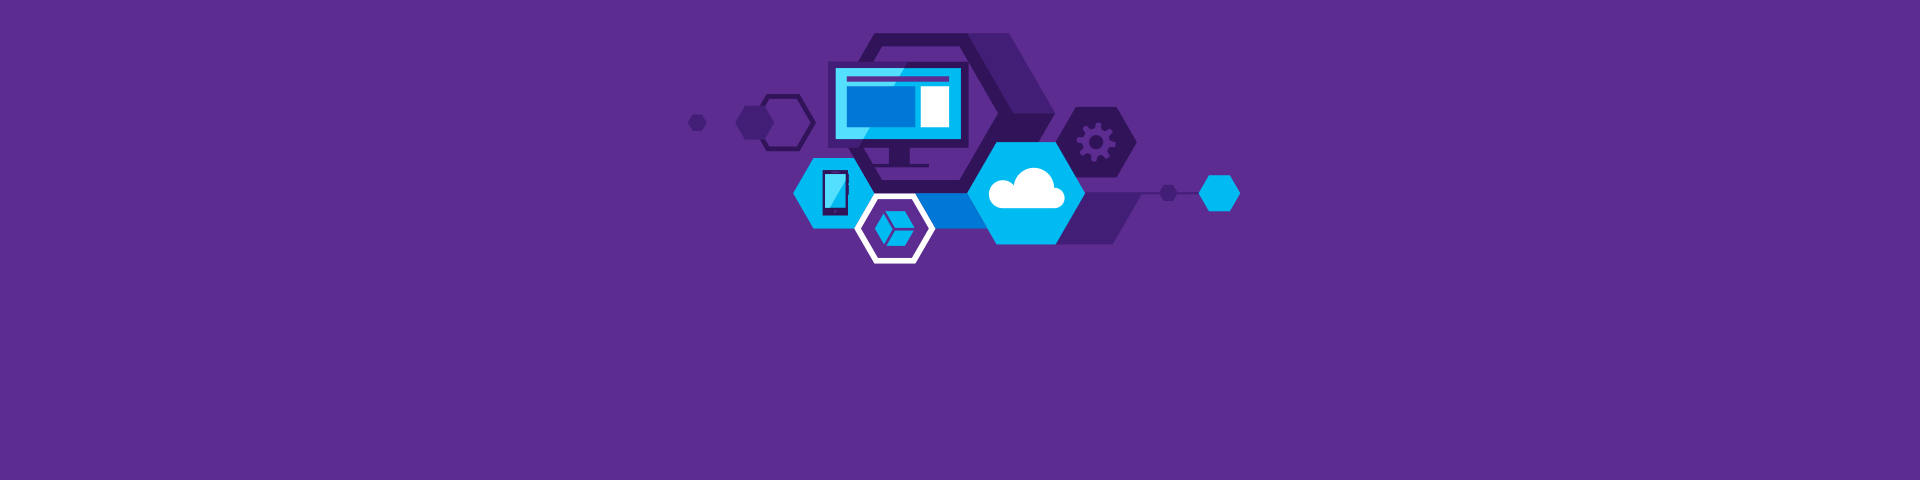 PC, telefone, nuvem e outros ícones de tecnologia